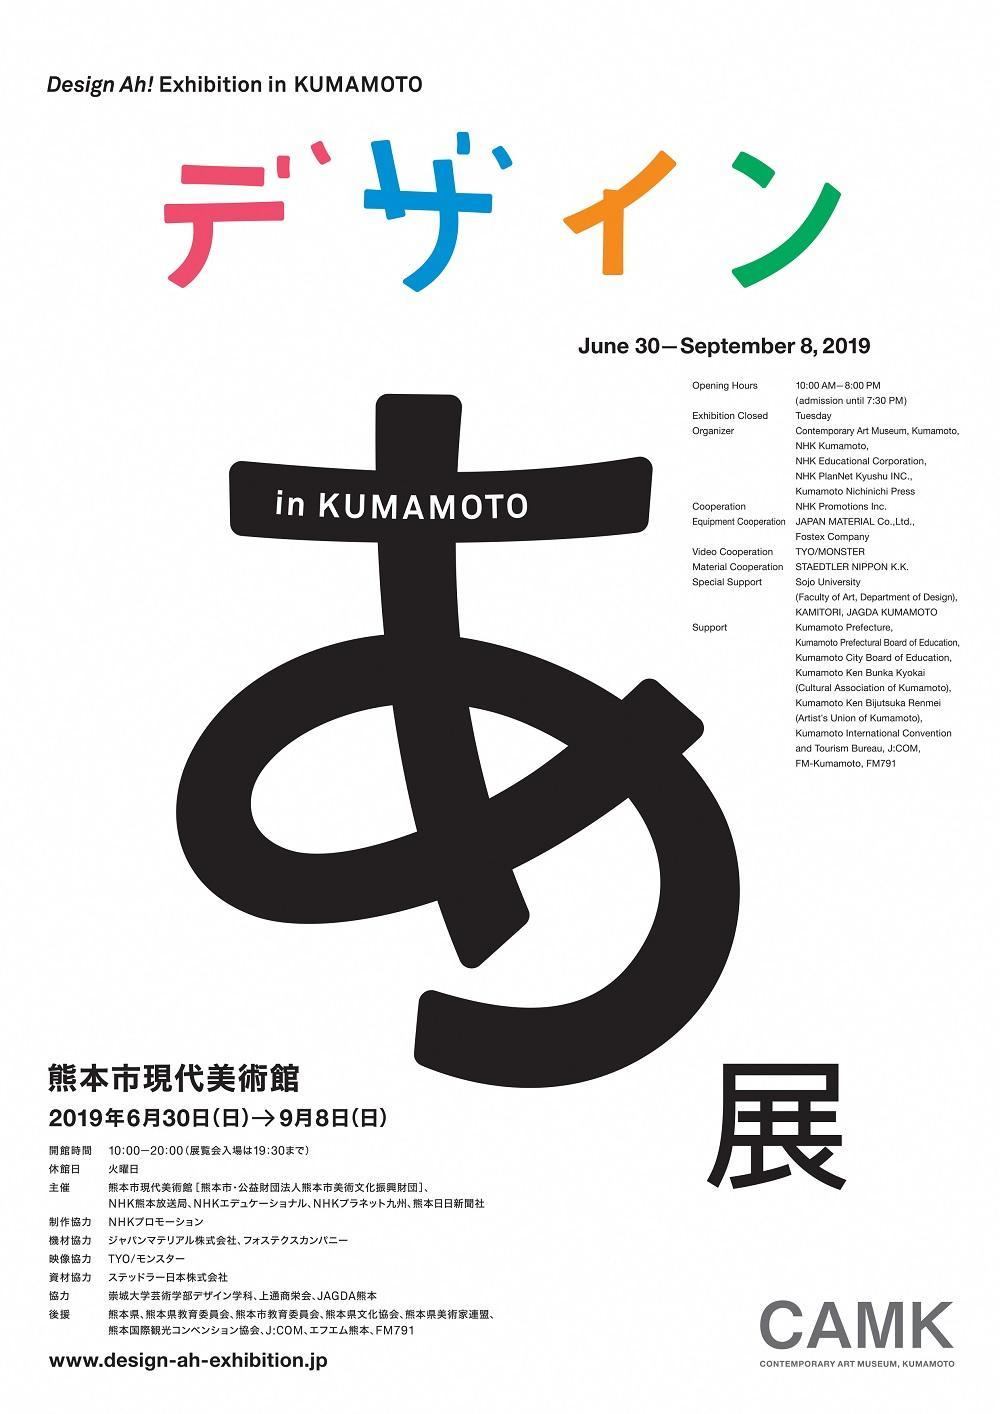 デザインあ展 in KUMAMOTO | イベント | 熊本市観光ガイド